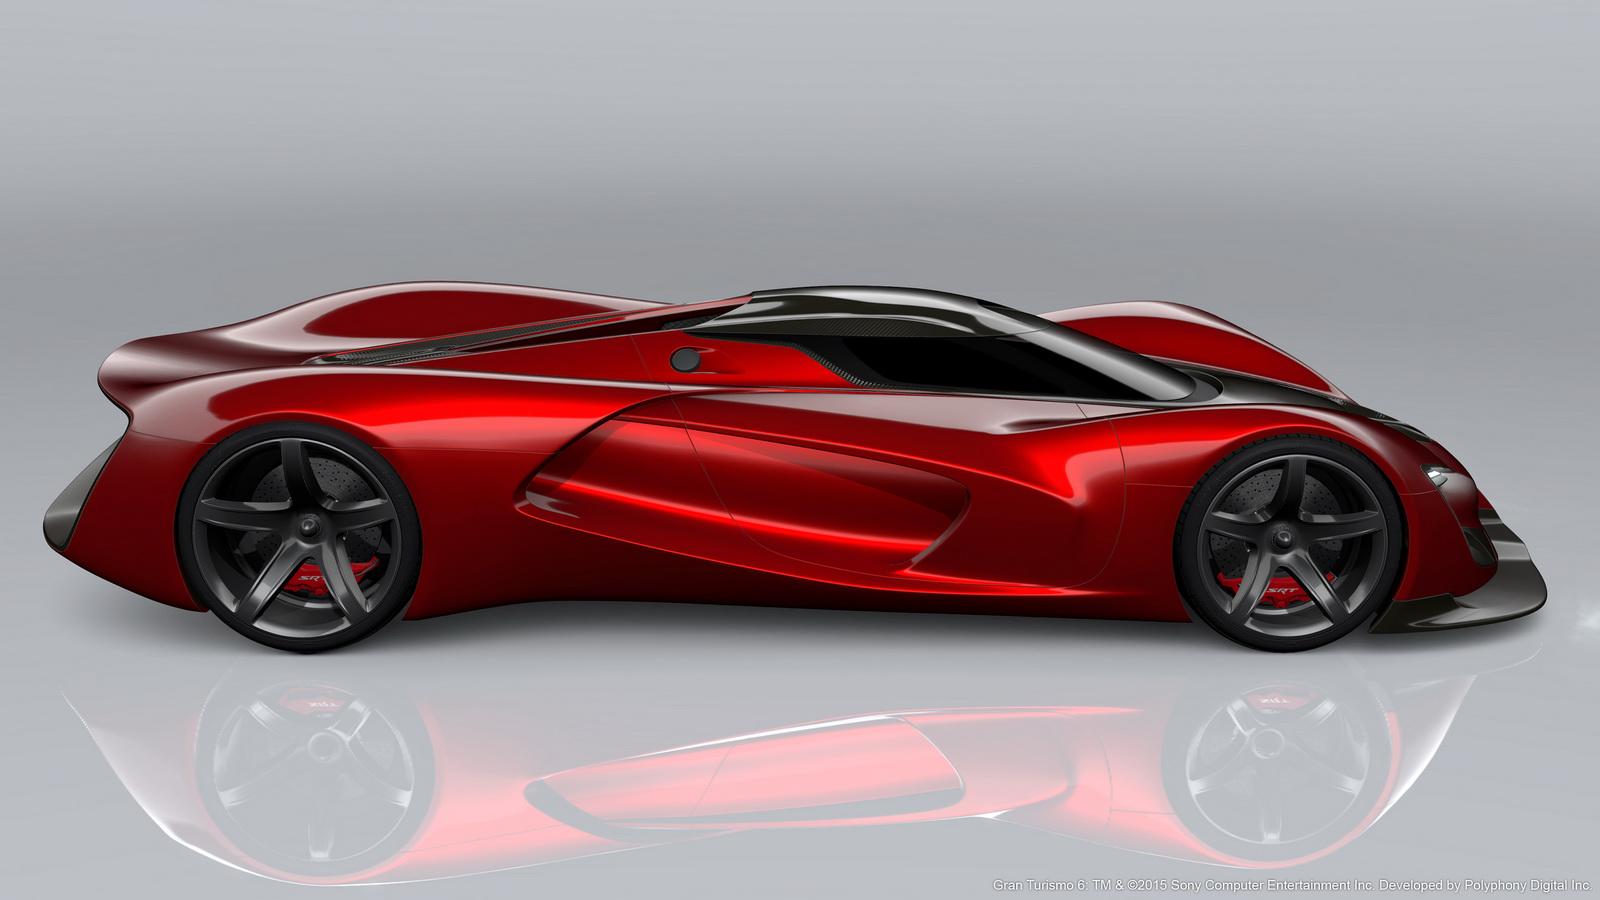 بالصور احدث صور سيارات , التكنولوجيا والتغير في عالم السيارات 2041 4